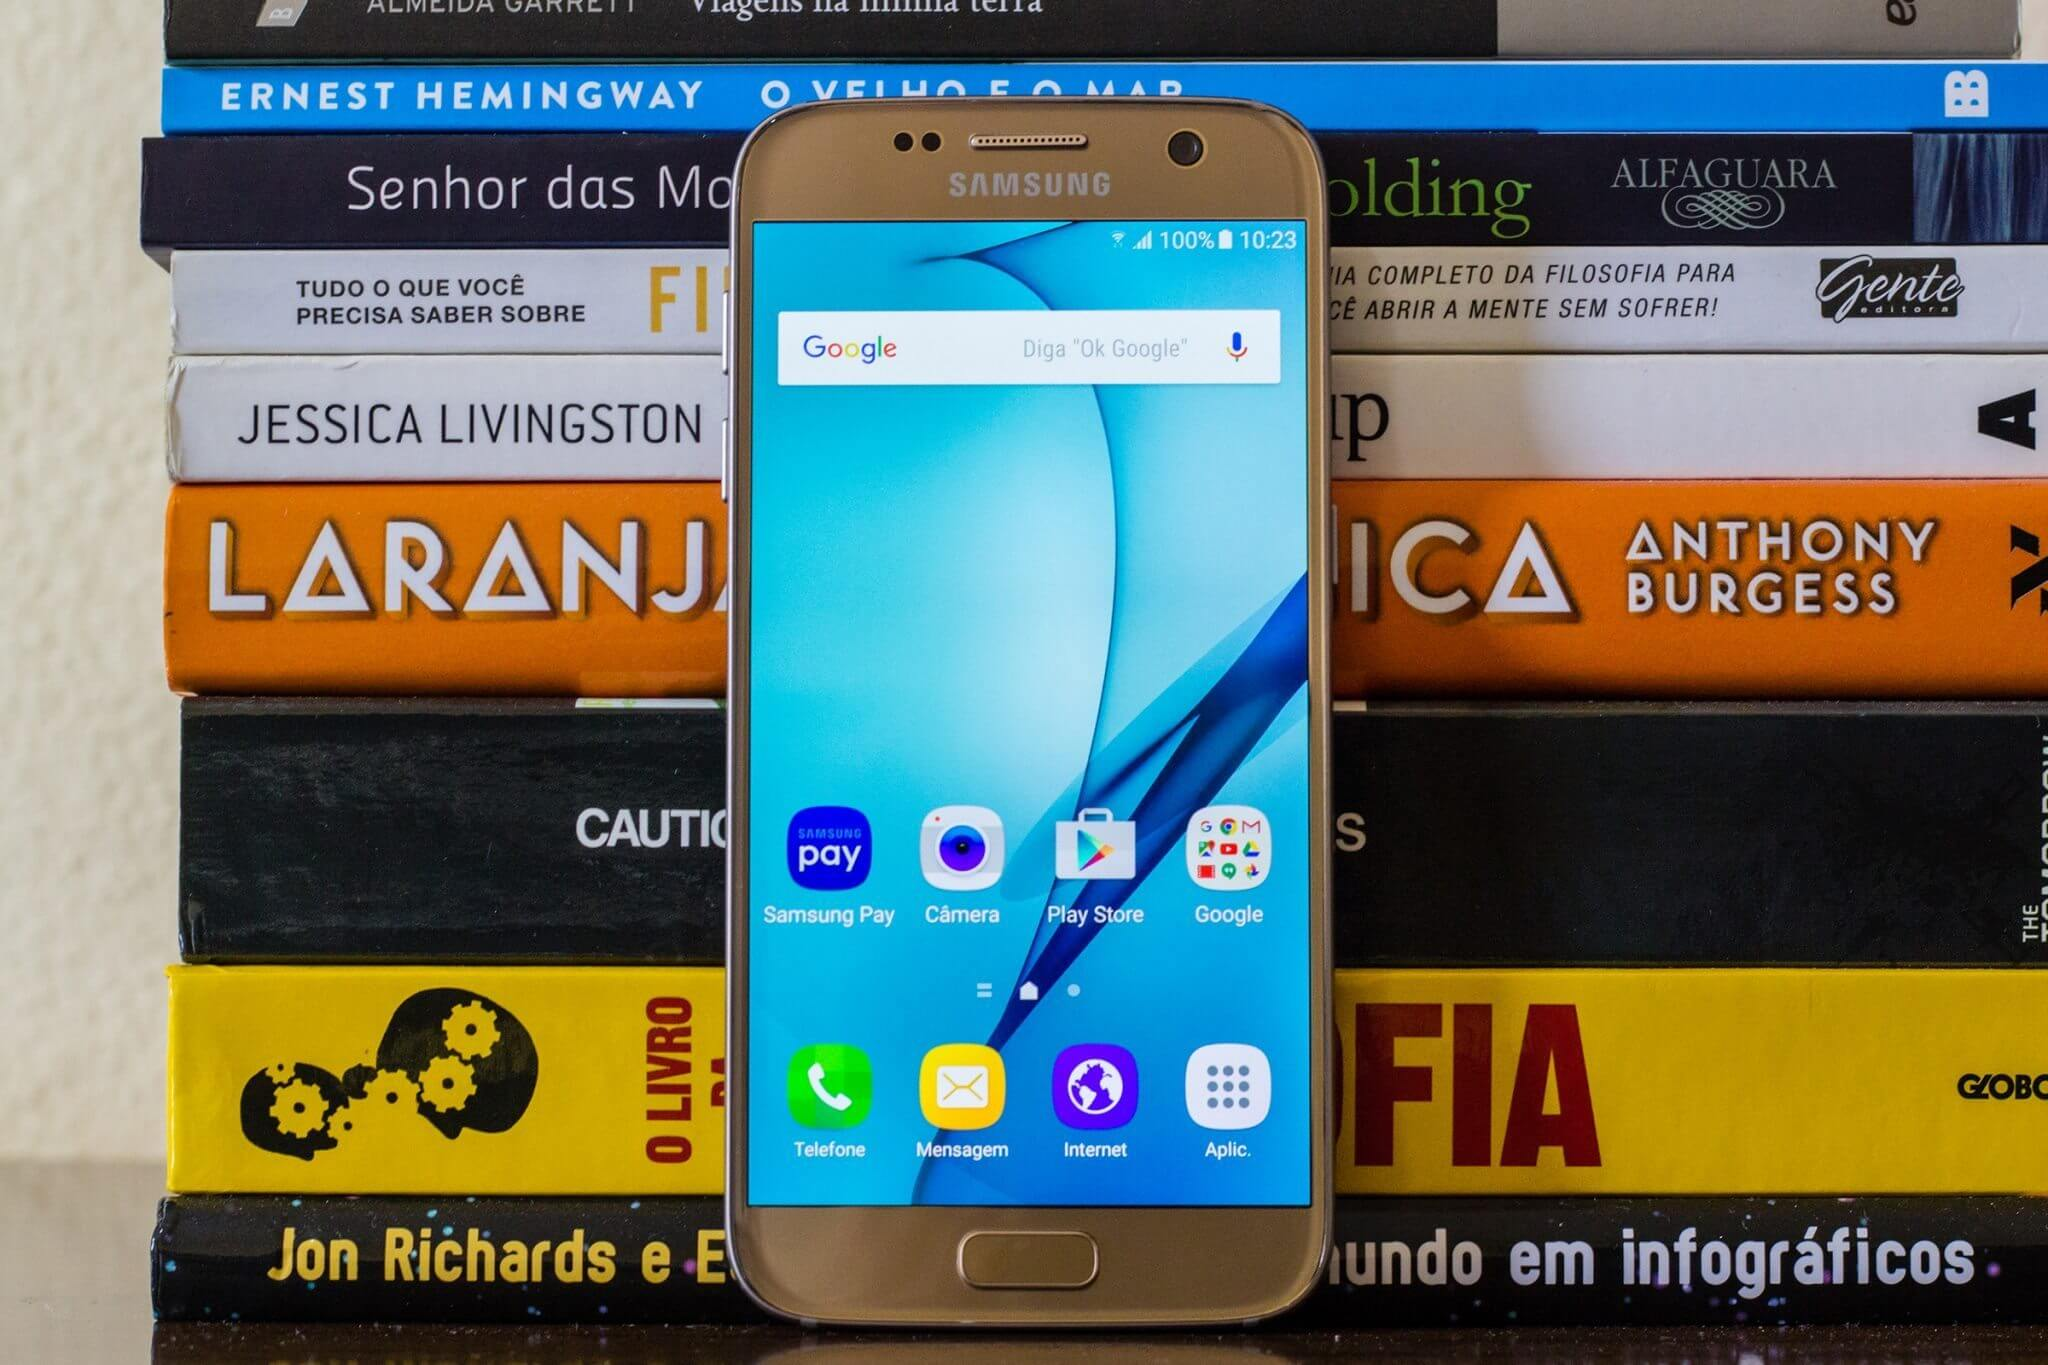 samsung galaxy s7 10 - Review: Galaxy S7 e S7 Edge, as obras primas da Samsung